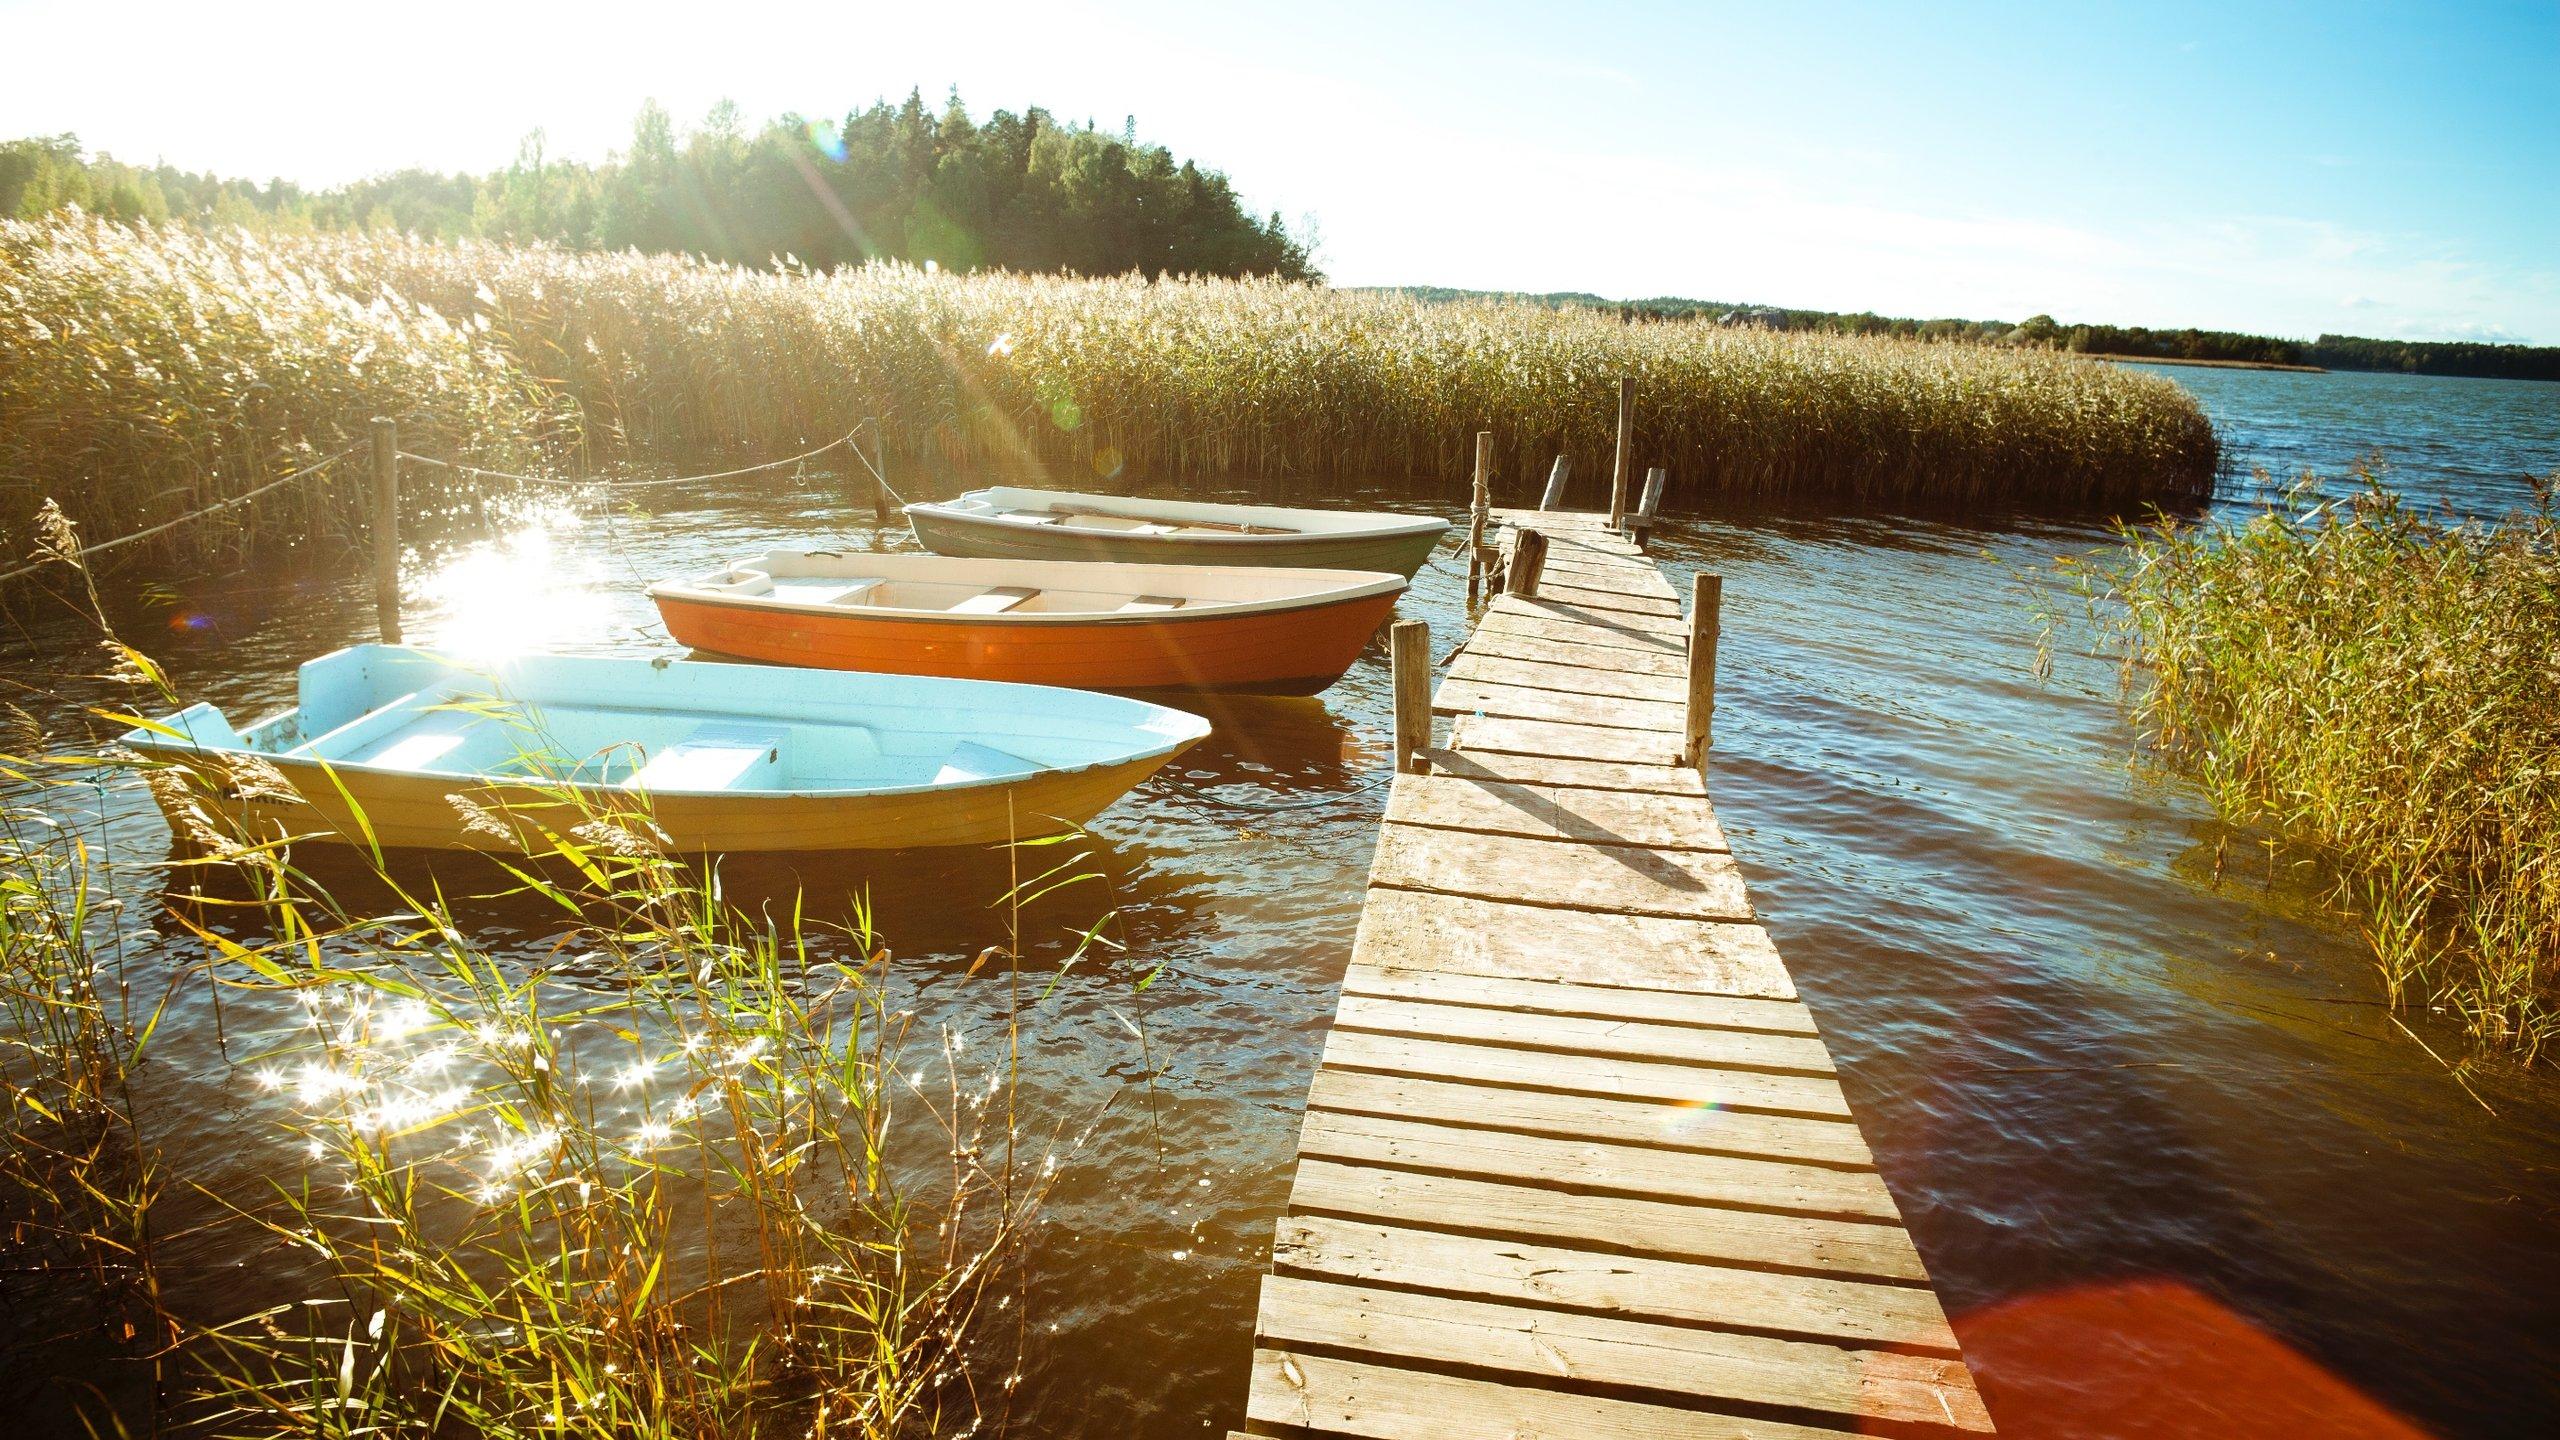 Southwest Finland, Finland